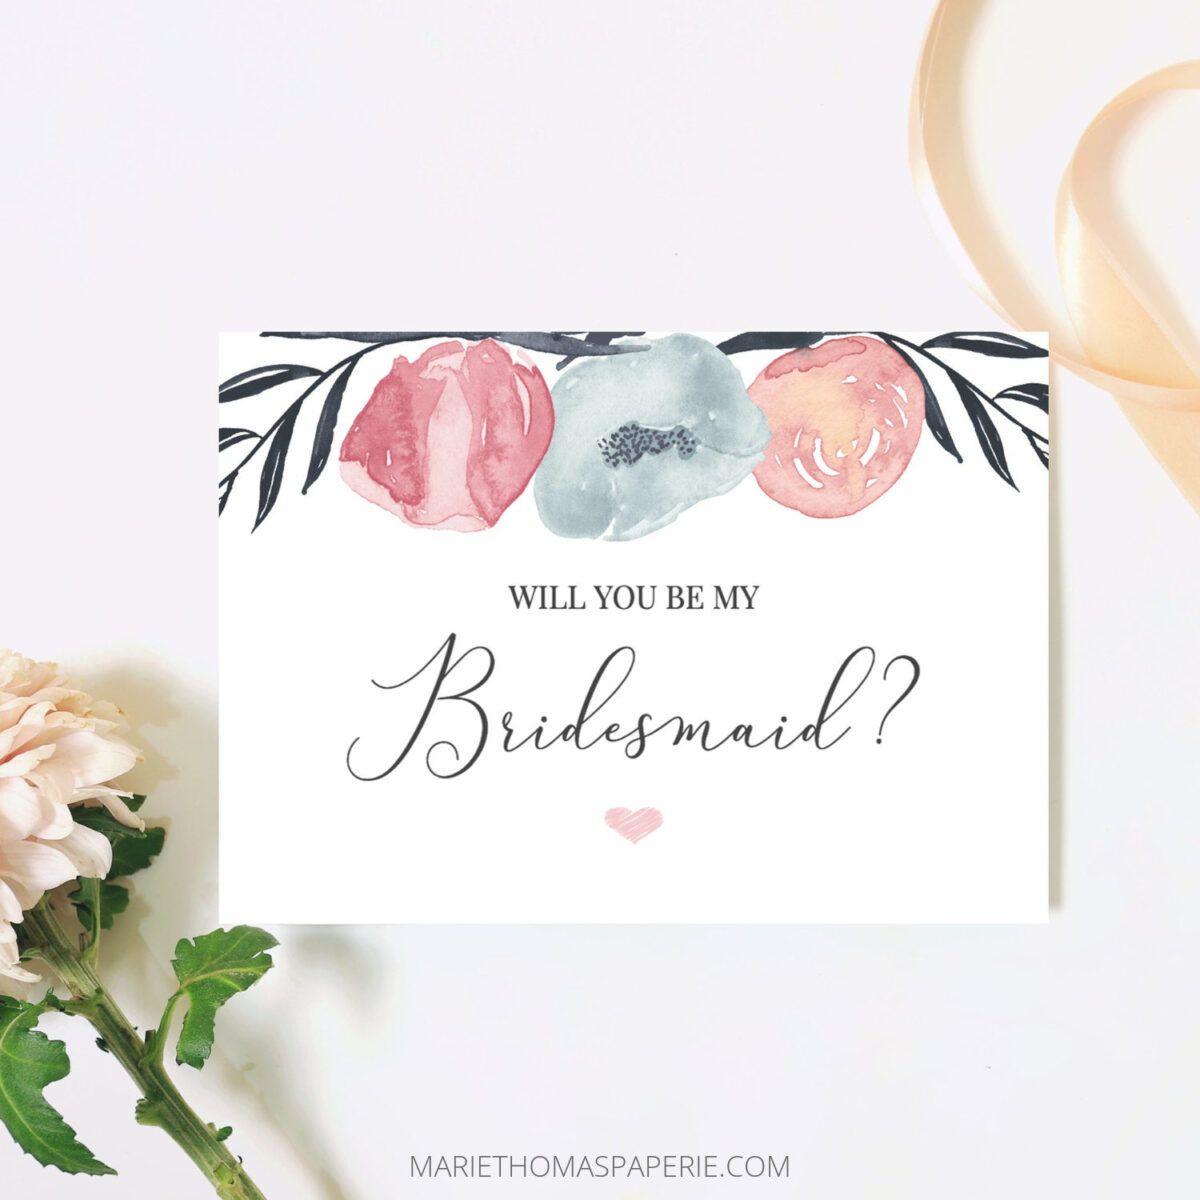 Will You Be My Bridesmaid Card Bridesmaid Proposal Card Pink Navy Floral Bridesmaid Card Maid O Bridesmaid Proposal Bridesmaid Proposal Cards Bridesmaid Cards